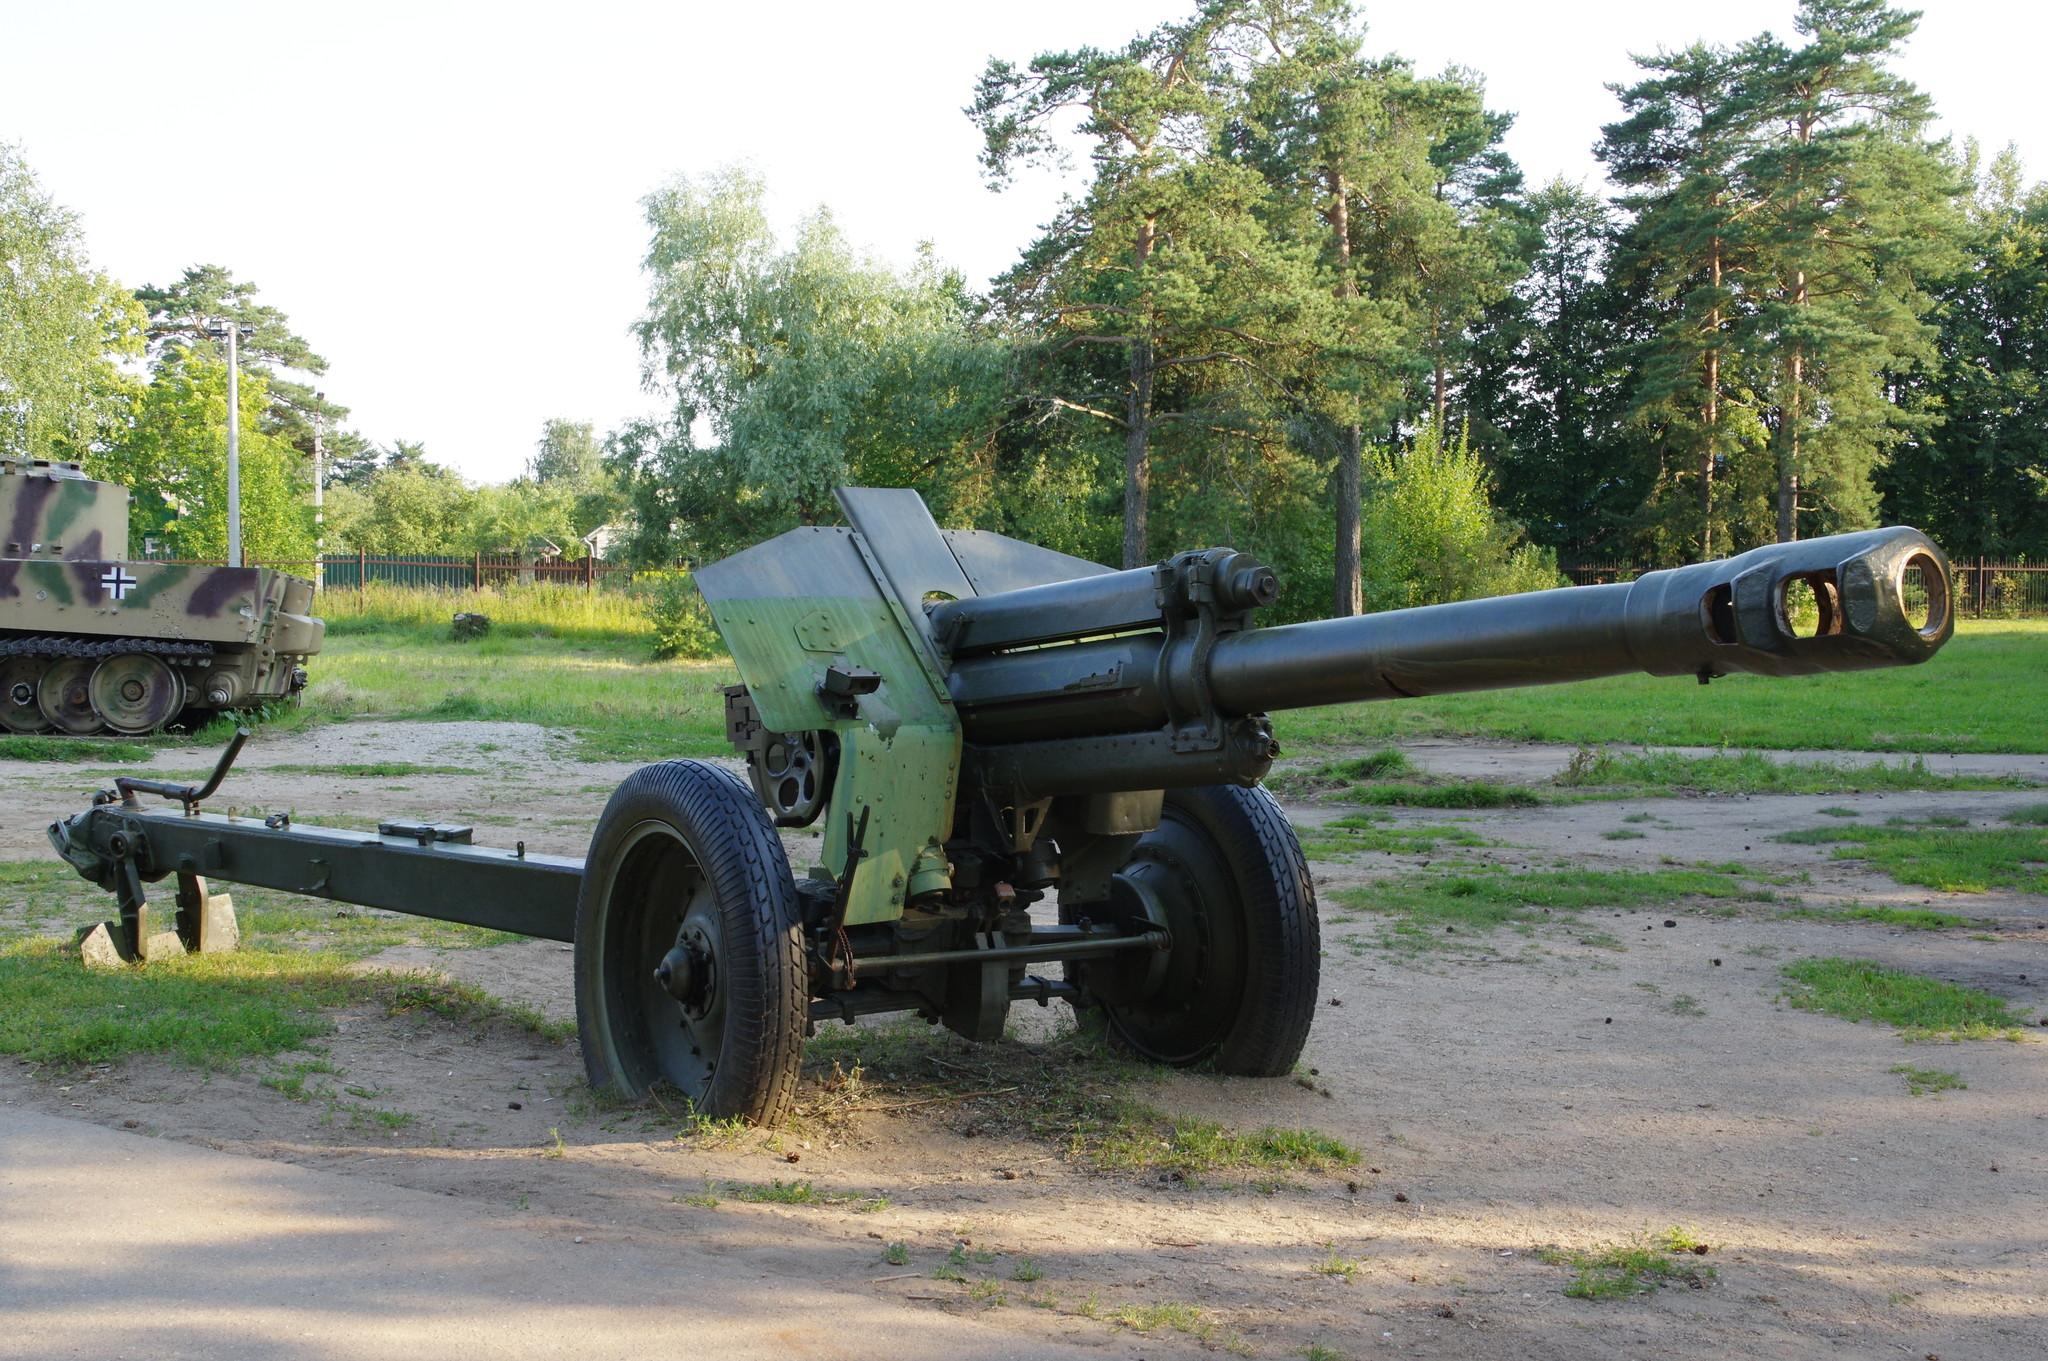 152-мм гаубица образца 1943 года (Д-1) в экспозиции Ленино-Снегирёвского военно-исторического музея